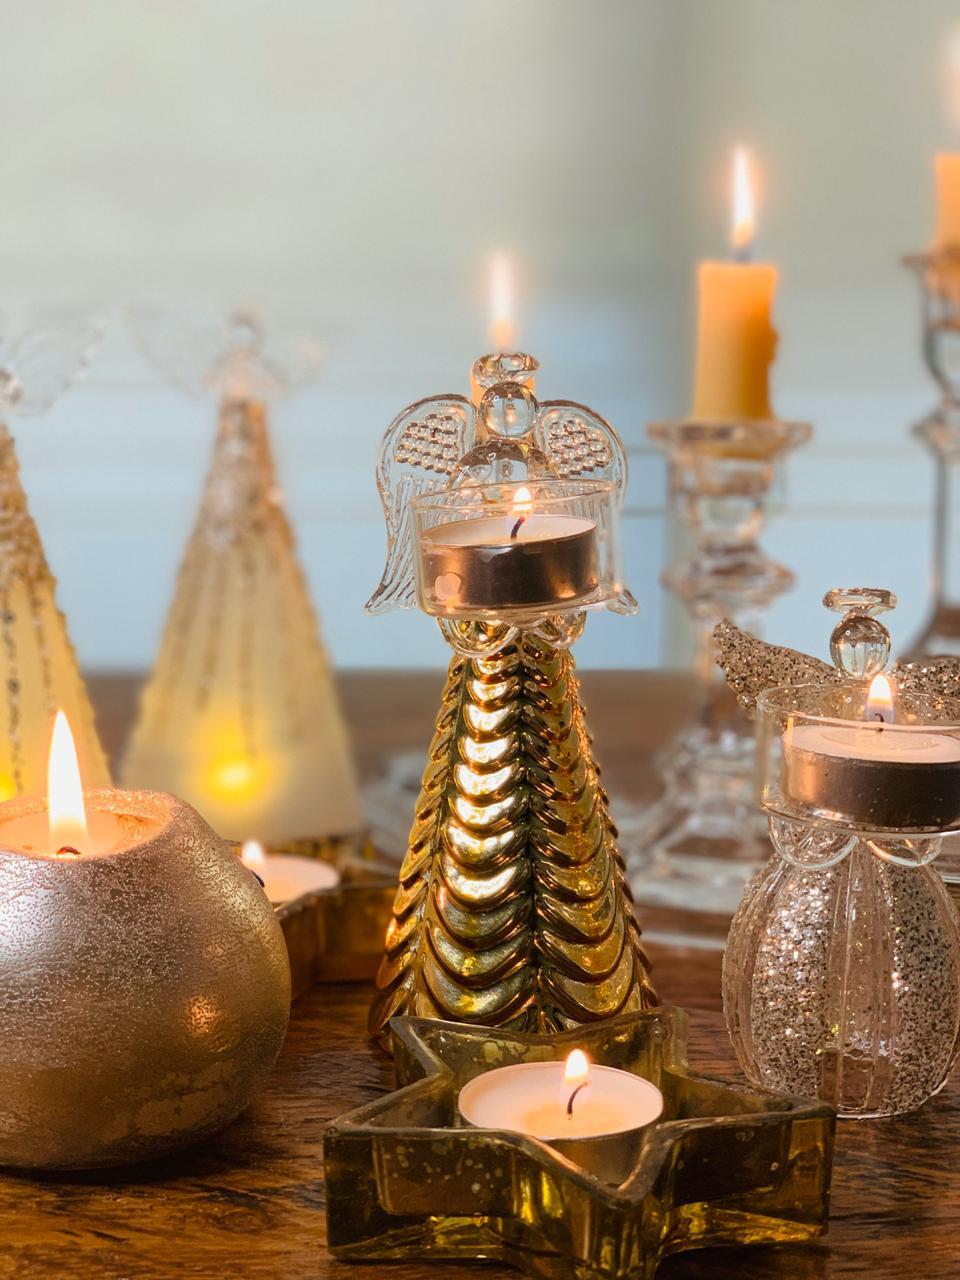 Composição com velas de diferentes alturas com temas natalinos em centro de mesa Fabi Calvo